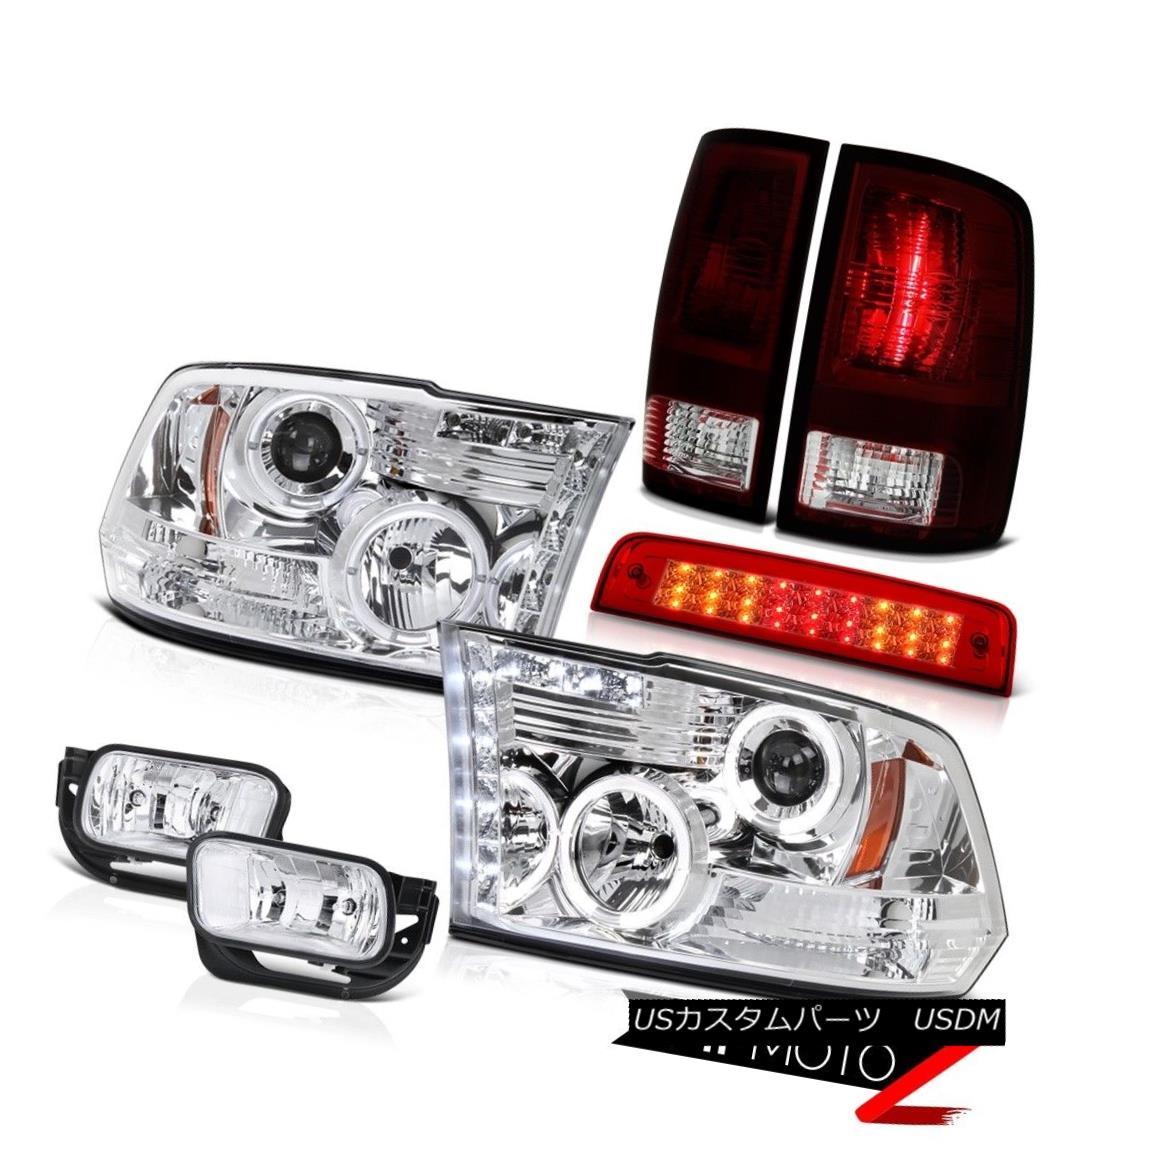 テールライト 10-18 Ram 2500 3500 6.4L Red Clear Roof Cargo Lamp Fog Lamps Tail Headlamps SMD 10-18 Ram 2500 3500 6.4L赤いクリア屋根貨物ランプフォグランプテールヘッドランプSMD